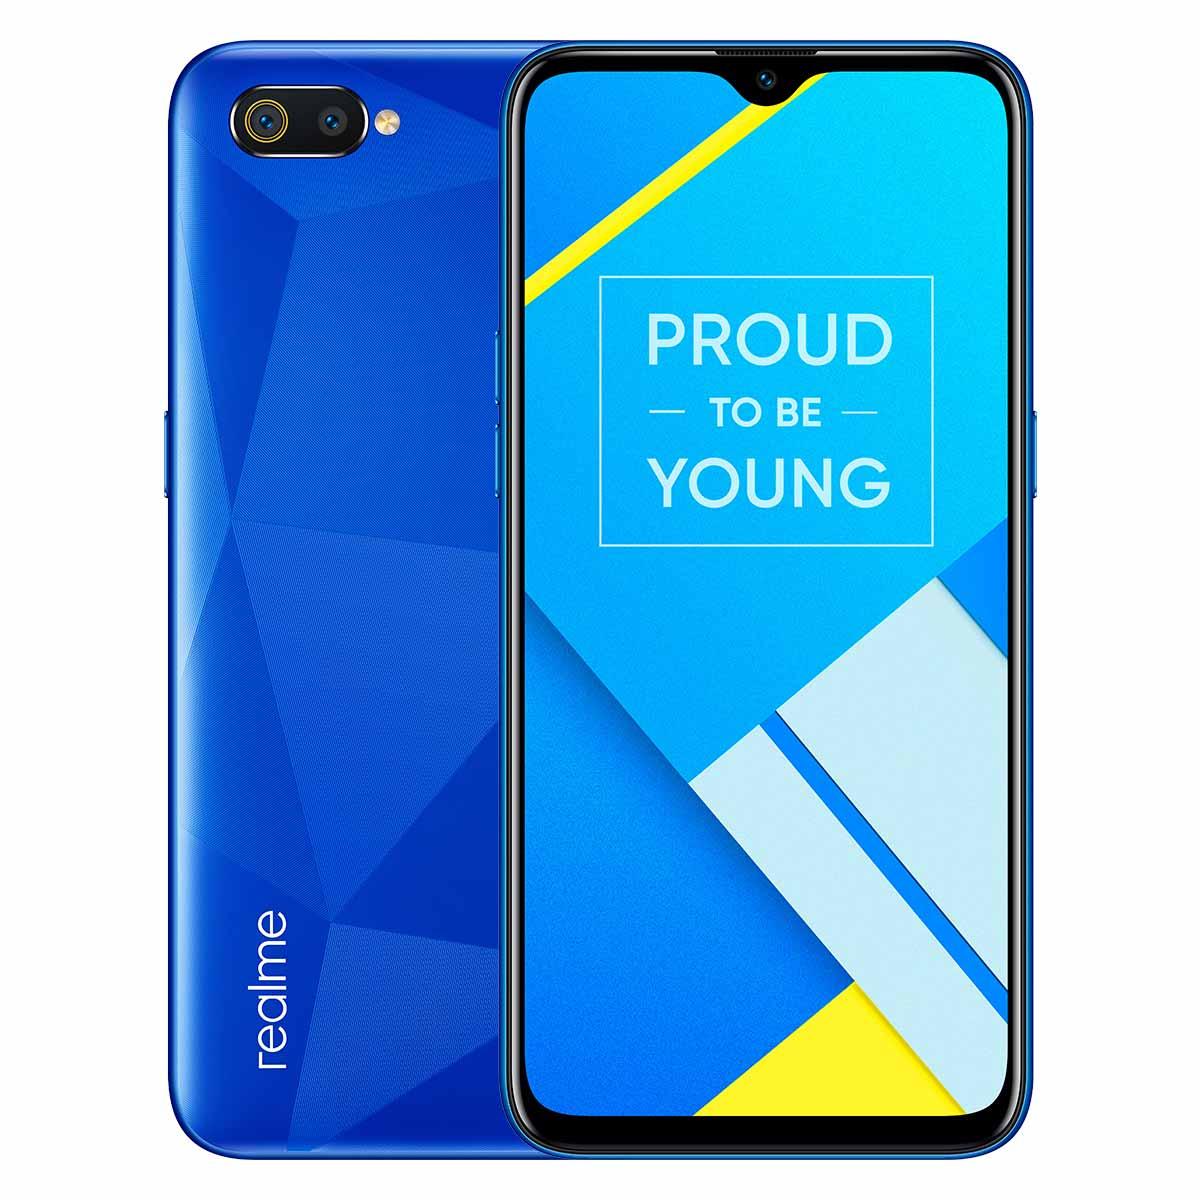 [Top Gadget] Inilah Smartphone Terbaik realme Keluaran 2019 untuk Dibeli di Awal Tahun 2020 16 android, Realme, Realme 5, Realme C2, realme x2 pro, Realme XT, Top Gadget